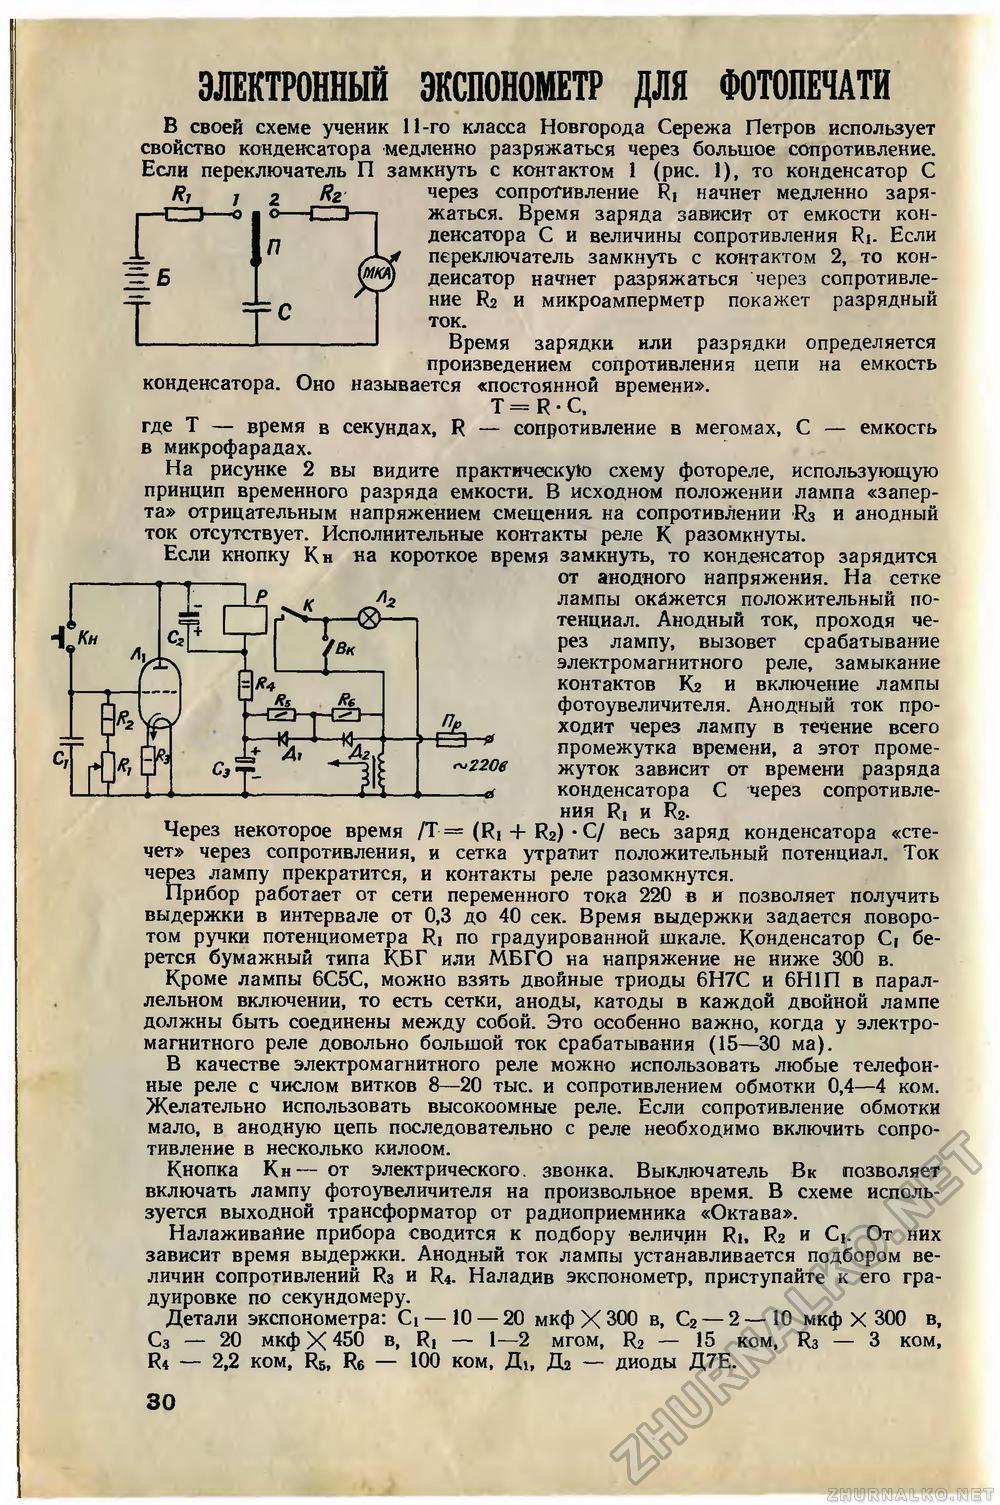 Принципиальная схема измерения сопротивления вэкспонометре